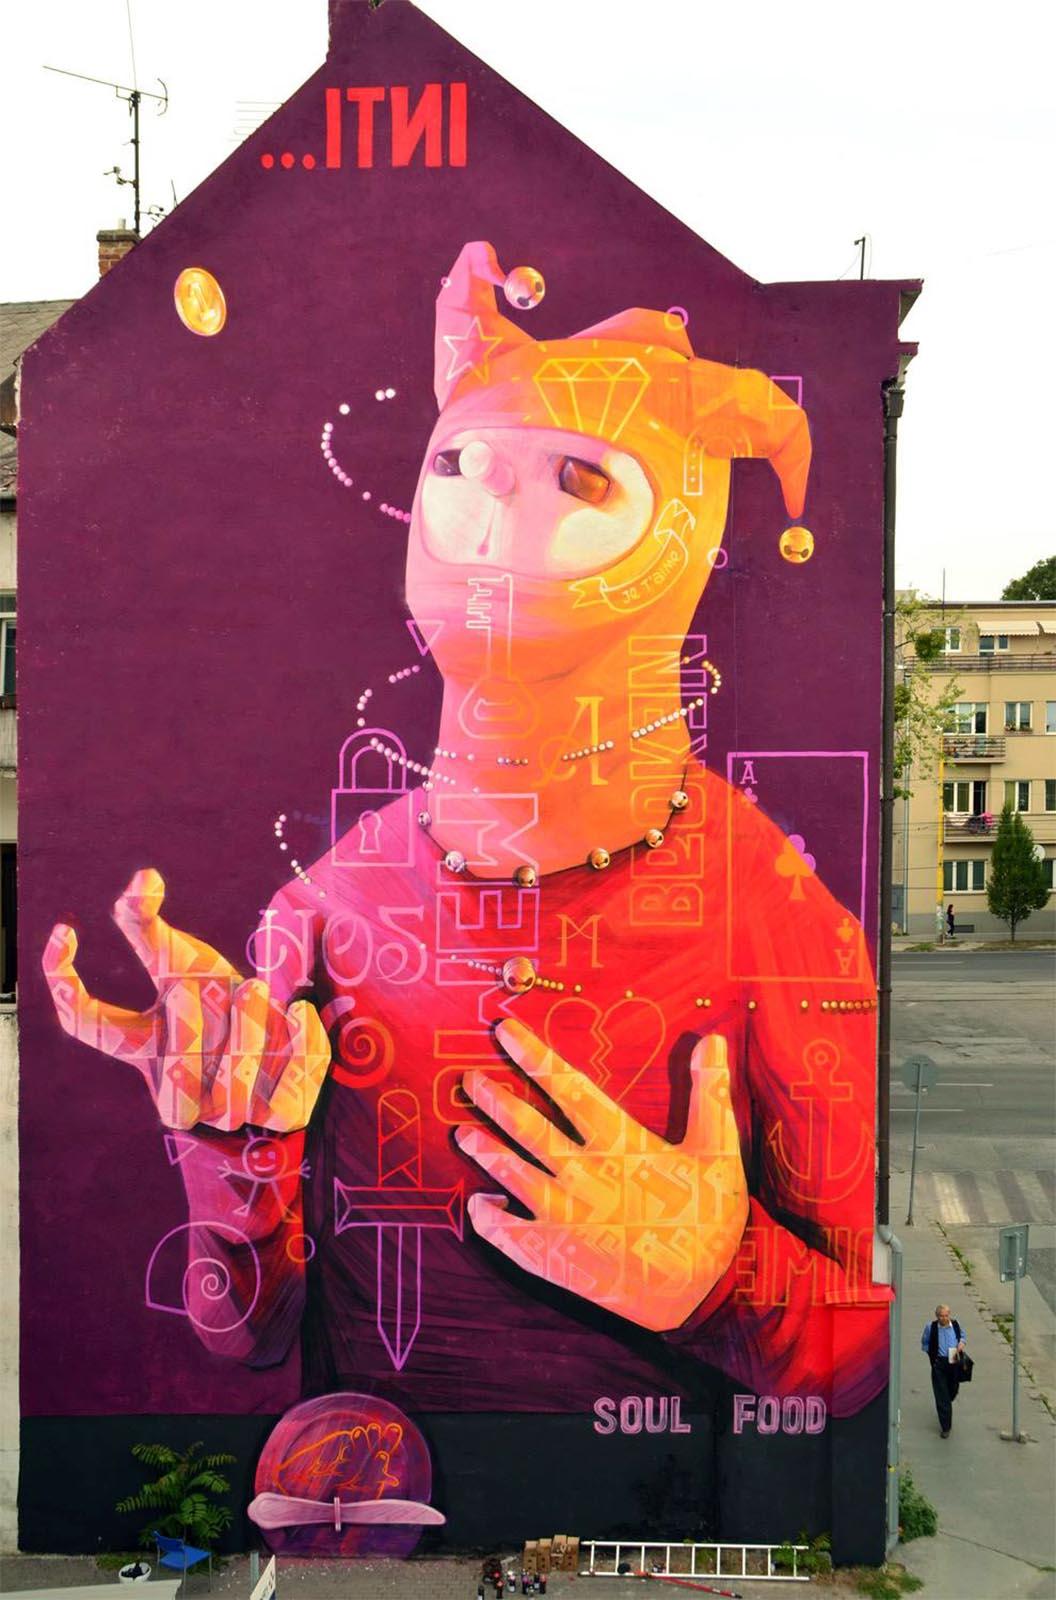 inti-new-mural-in-kosice-slovakia-01